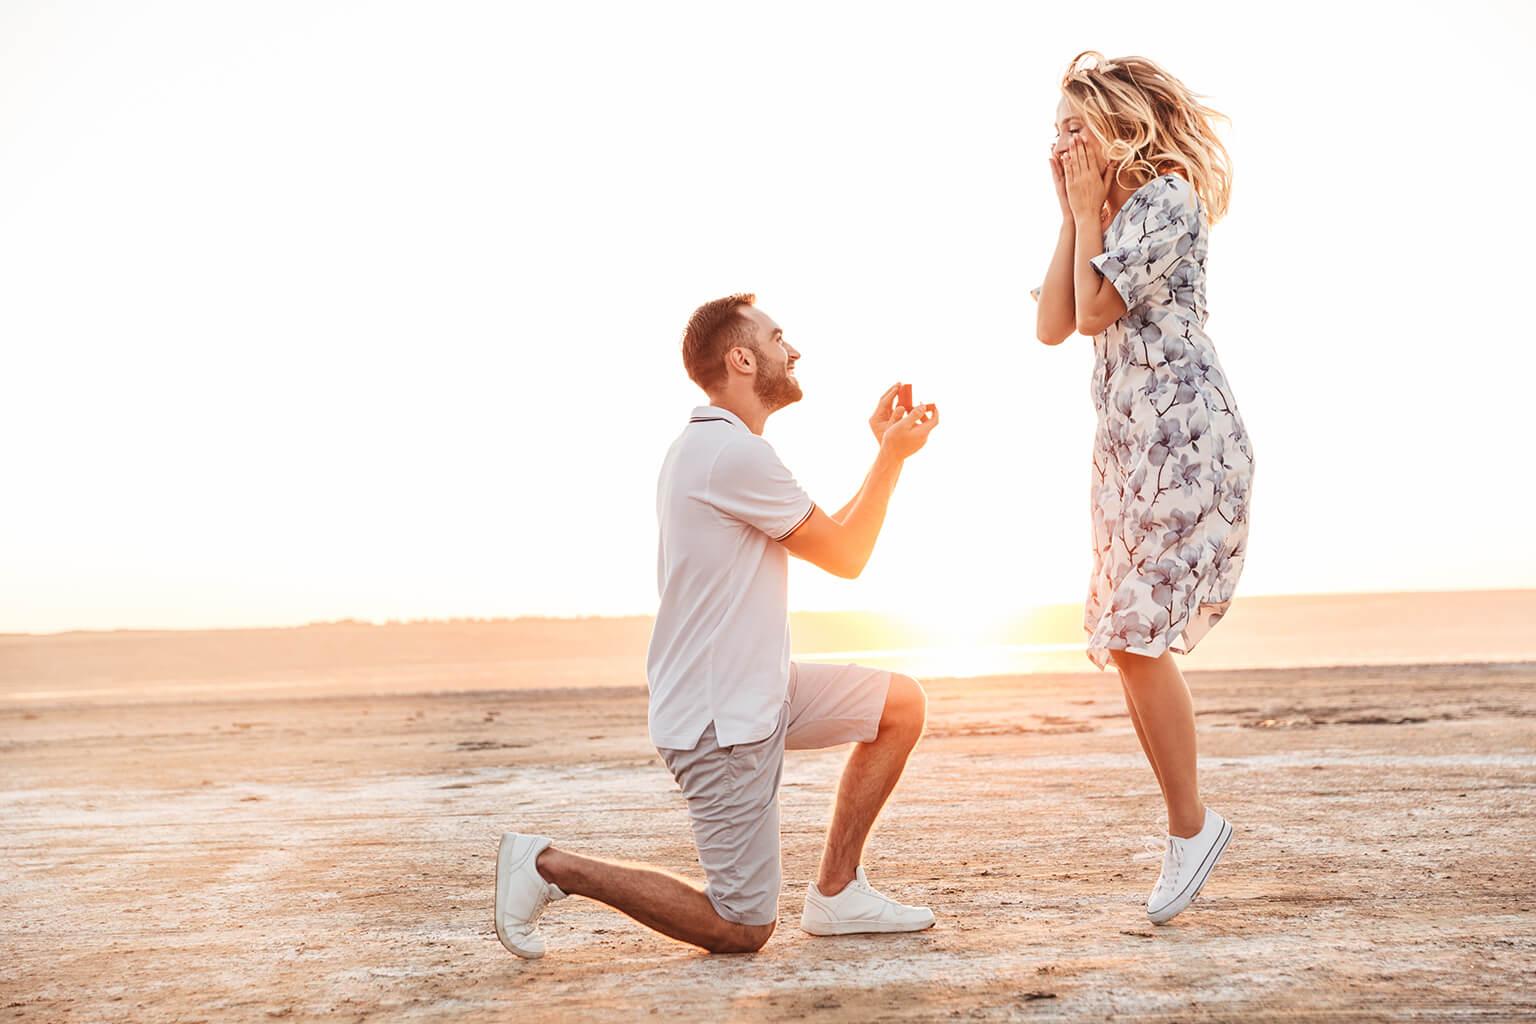 Mujer salta de la alegría en la playa, al ver a su pareja arrodillarse con un anillo de compromiso